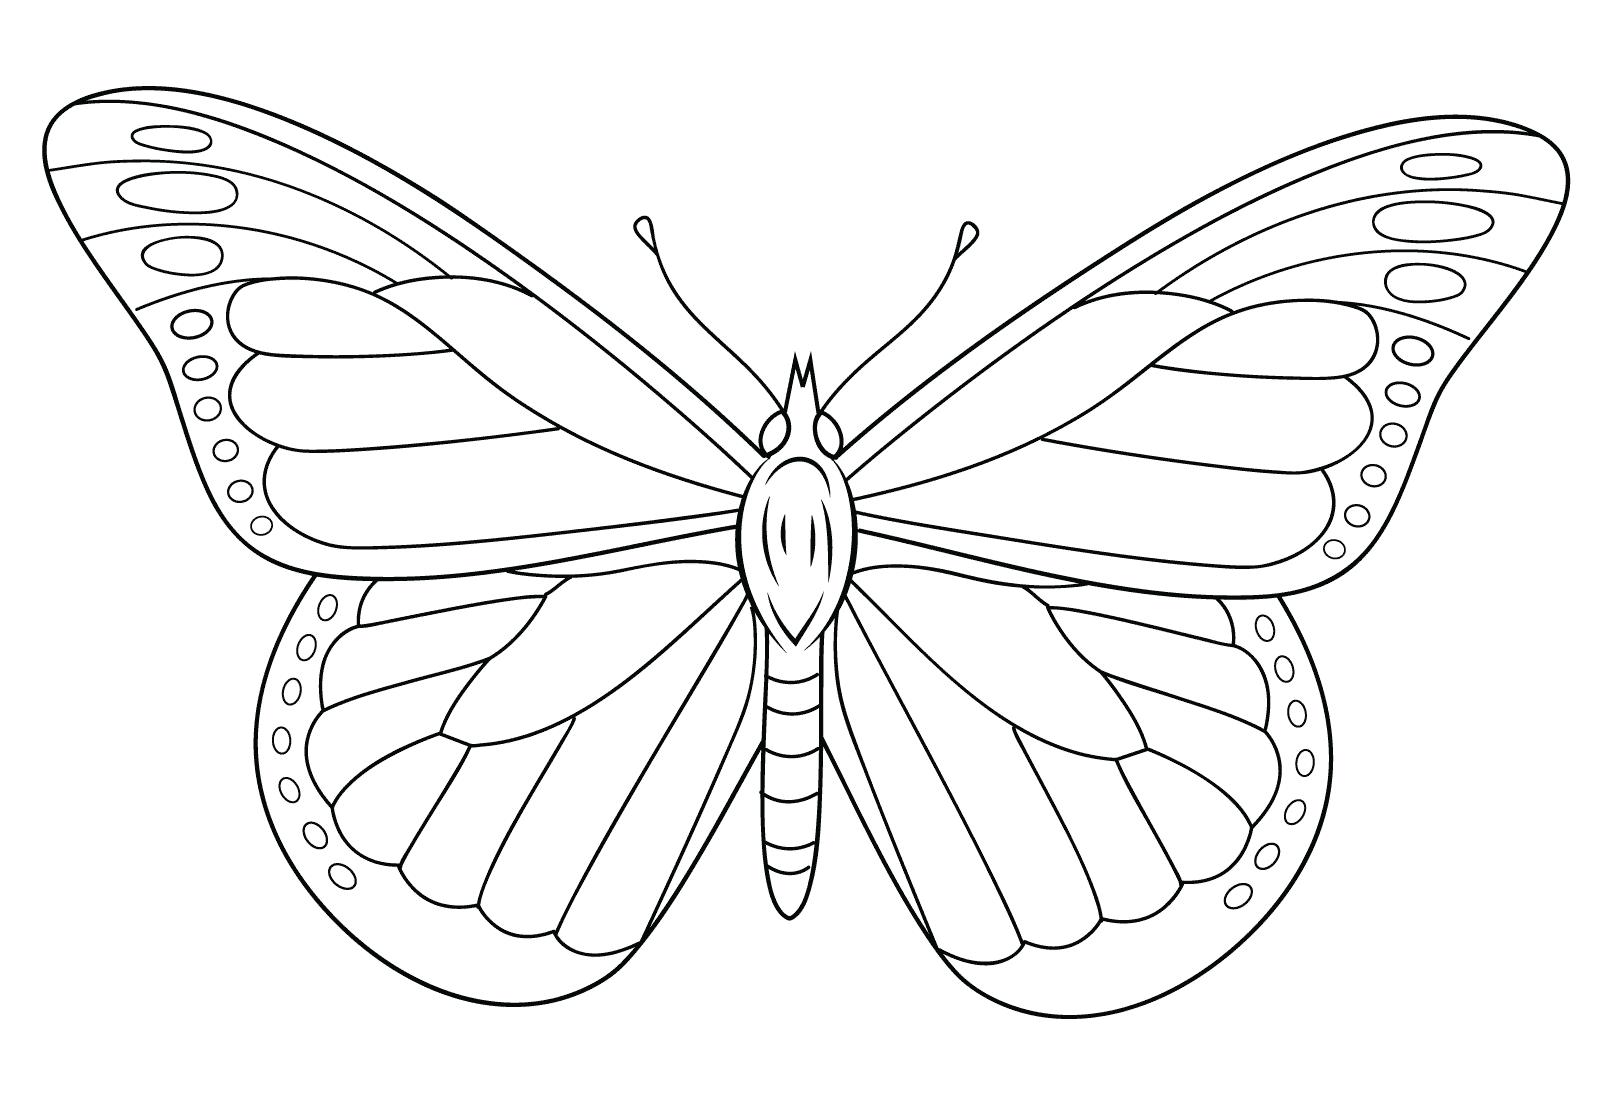 Tranh tô màu con bướm cho bé